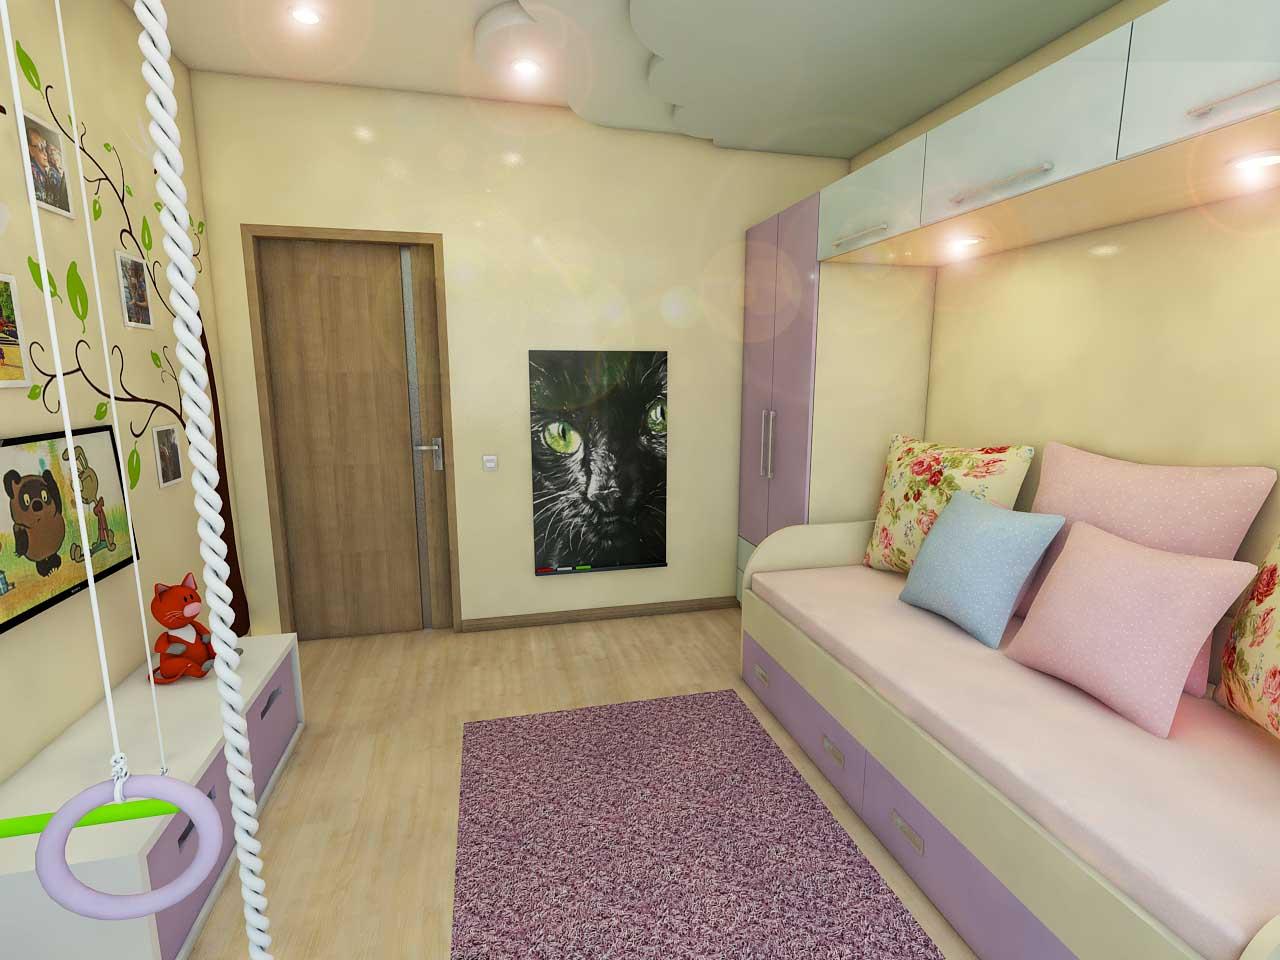 Дизайн-проект интерьера. Тюмень ул. Широтная д.158. Квартира для молодой семьи (5)